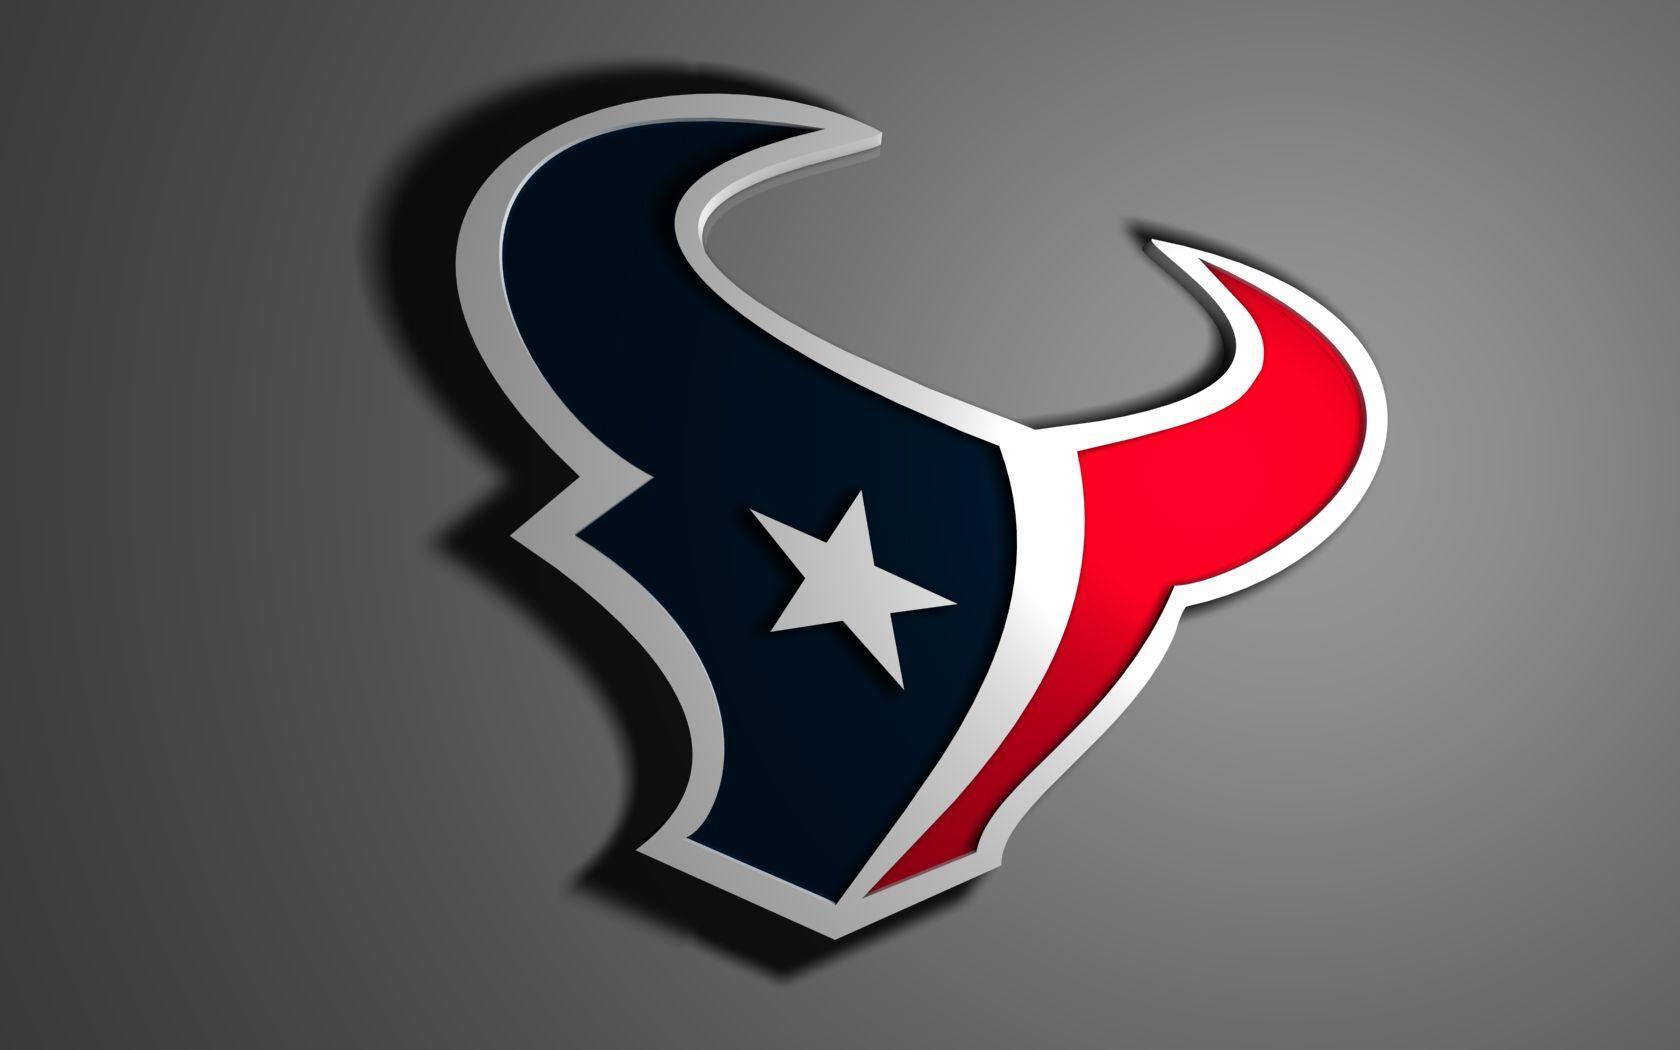 houston texans logo icon wallpaper 68418